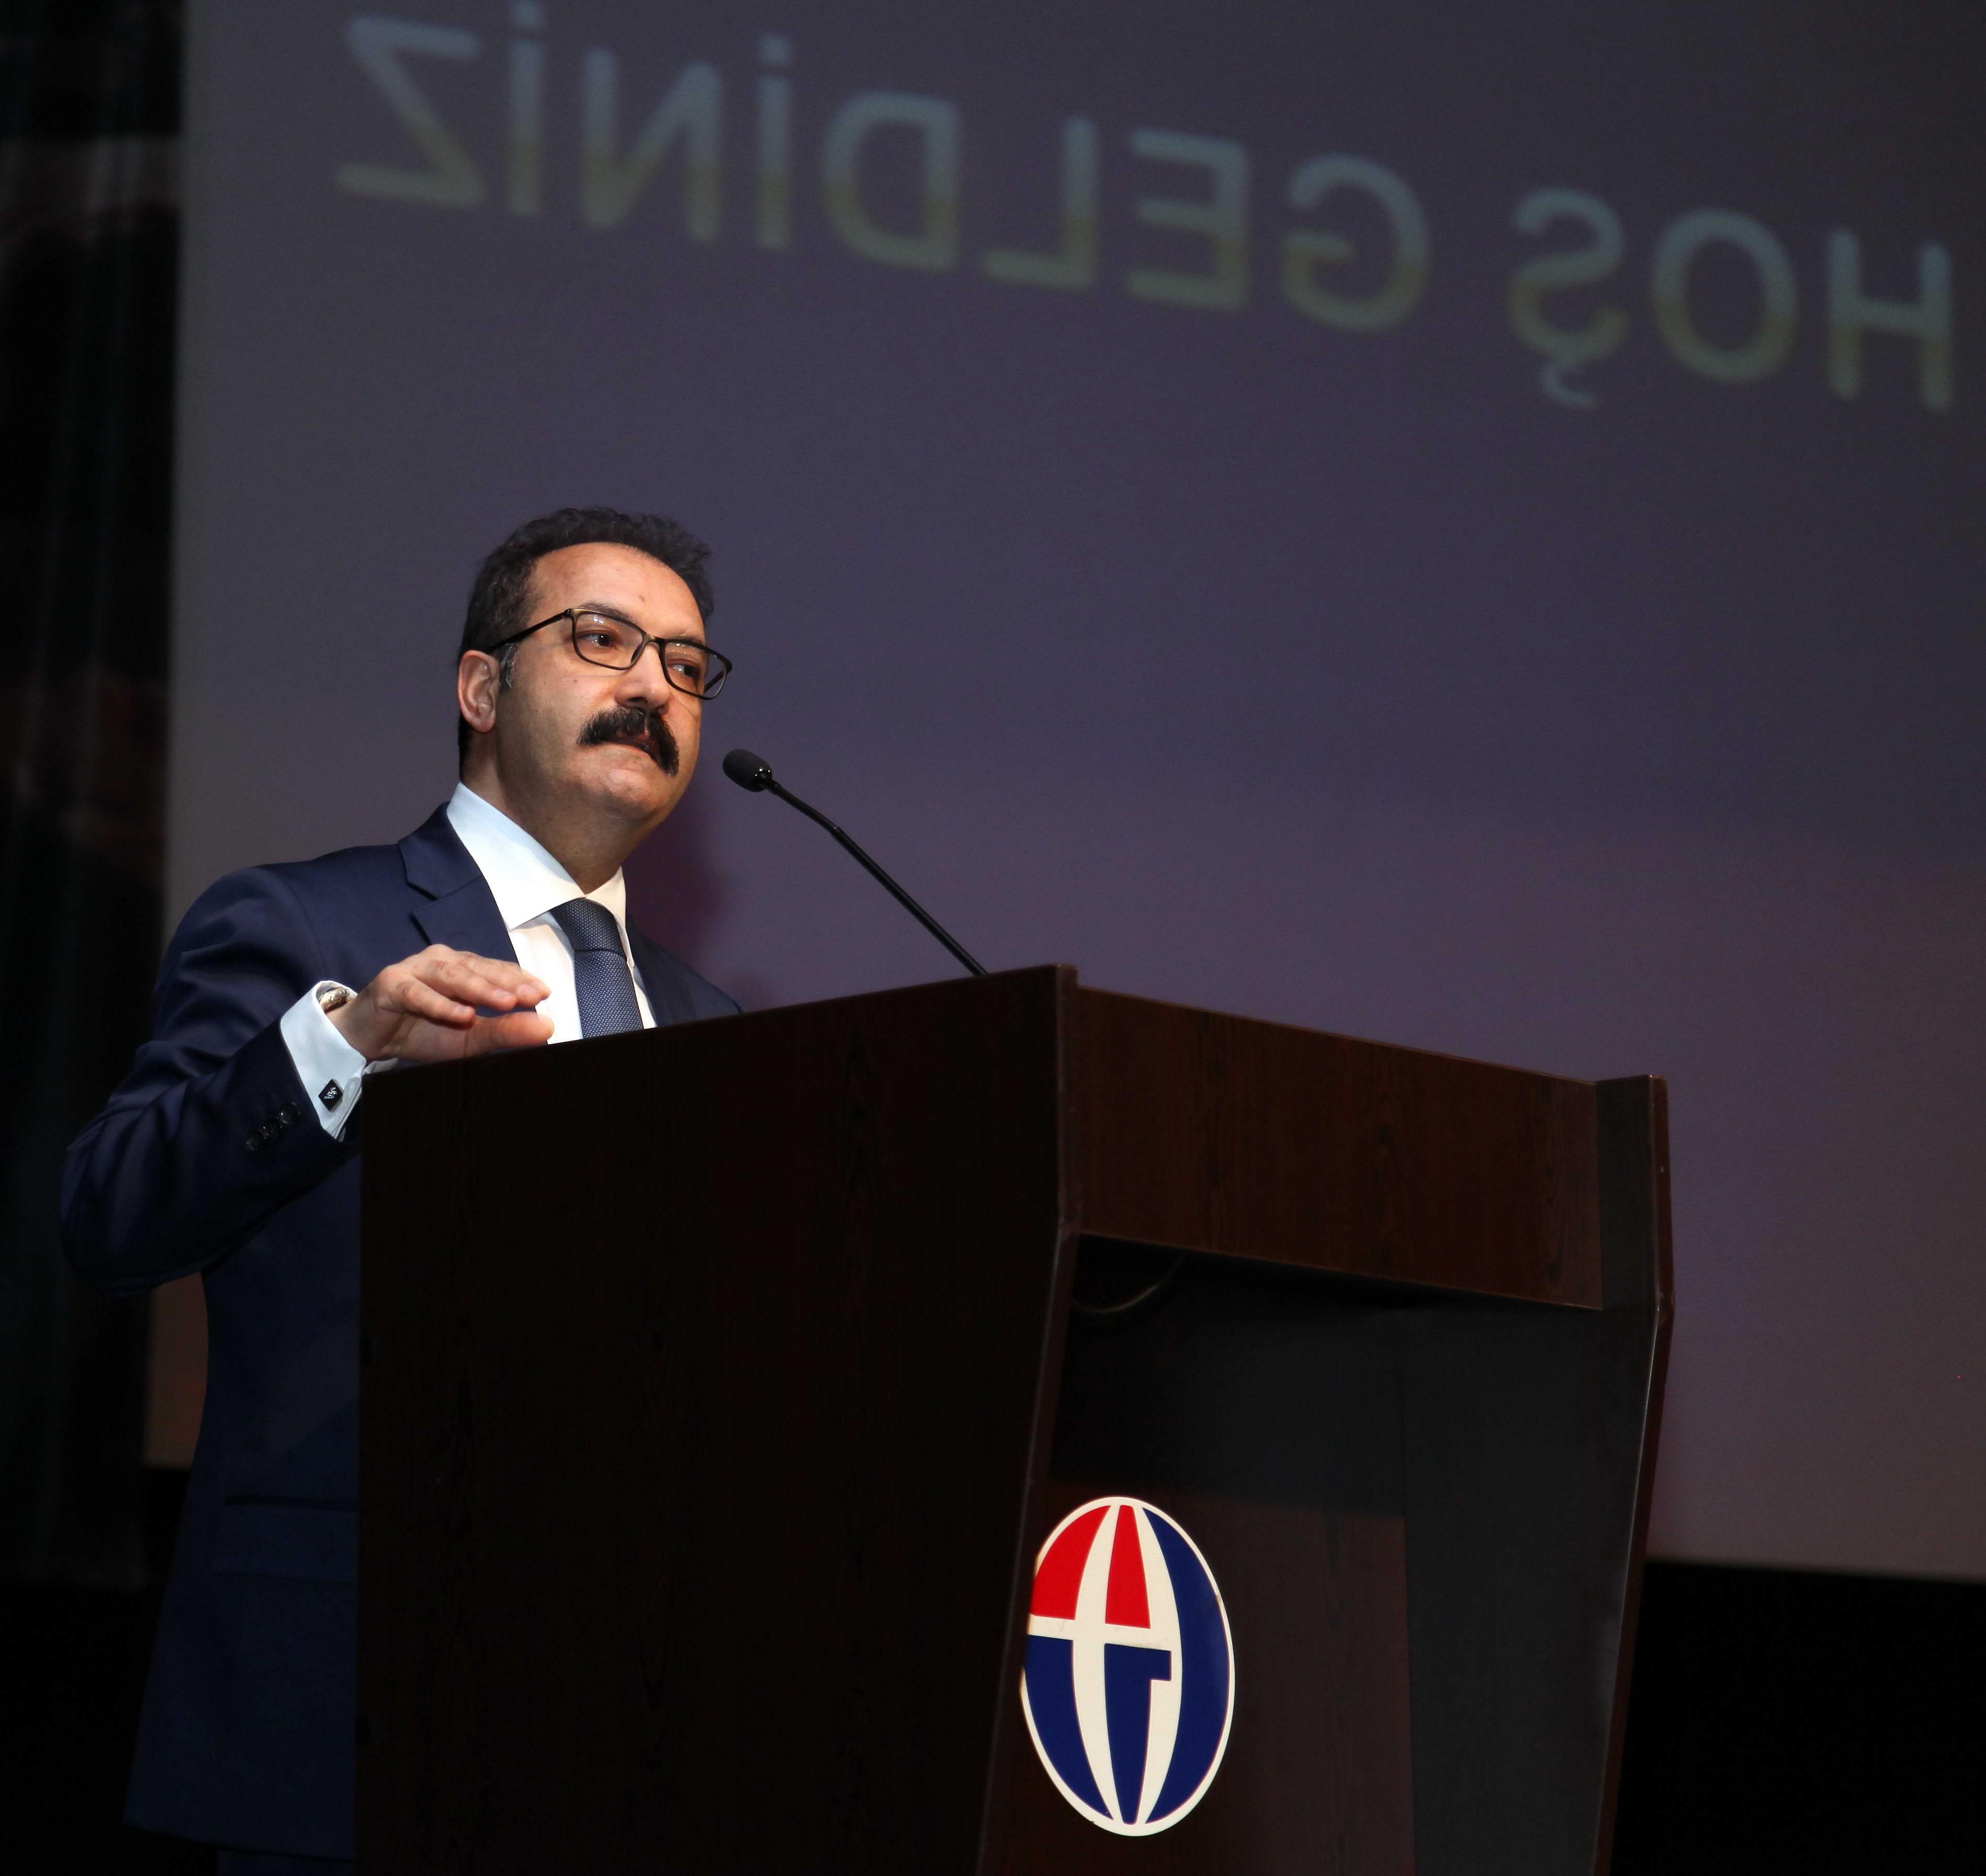 GAÜN'lü Uluslararası Öğrenciler Çanakkale Şehitlerini Andı -  (Prof.Dr.Ali Gür)